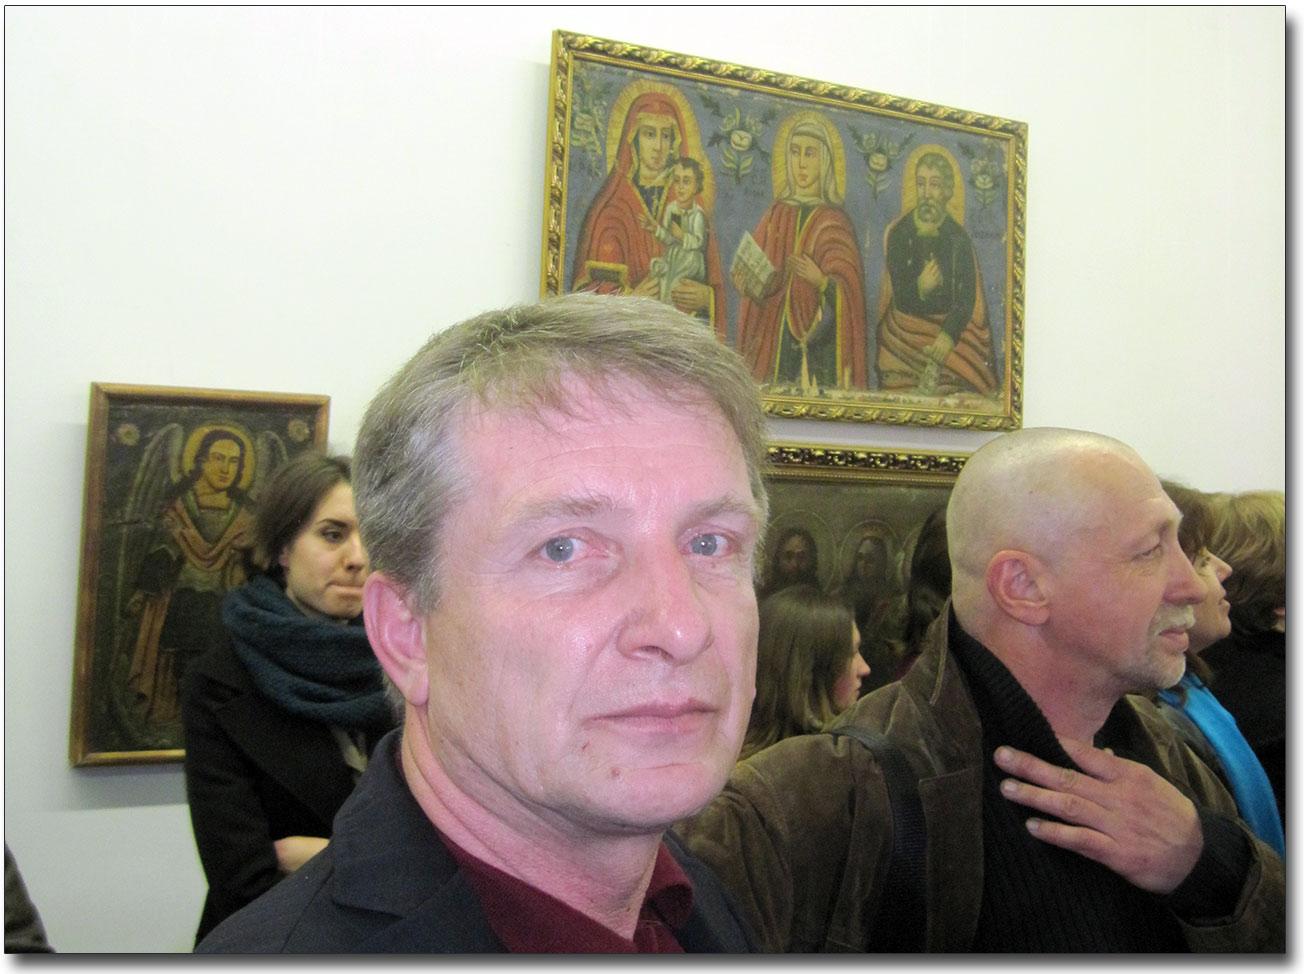 Na zdjęciu Aleksander Czernow - jeden z organizatorów wystawy